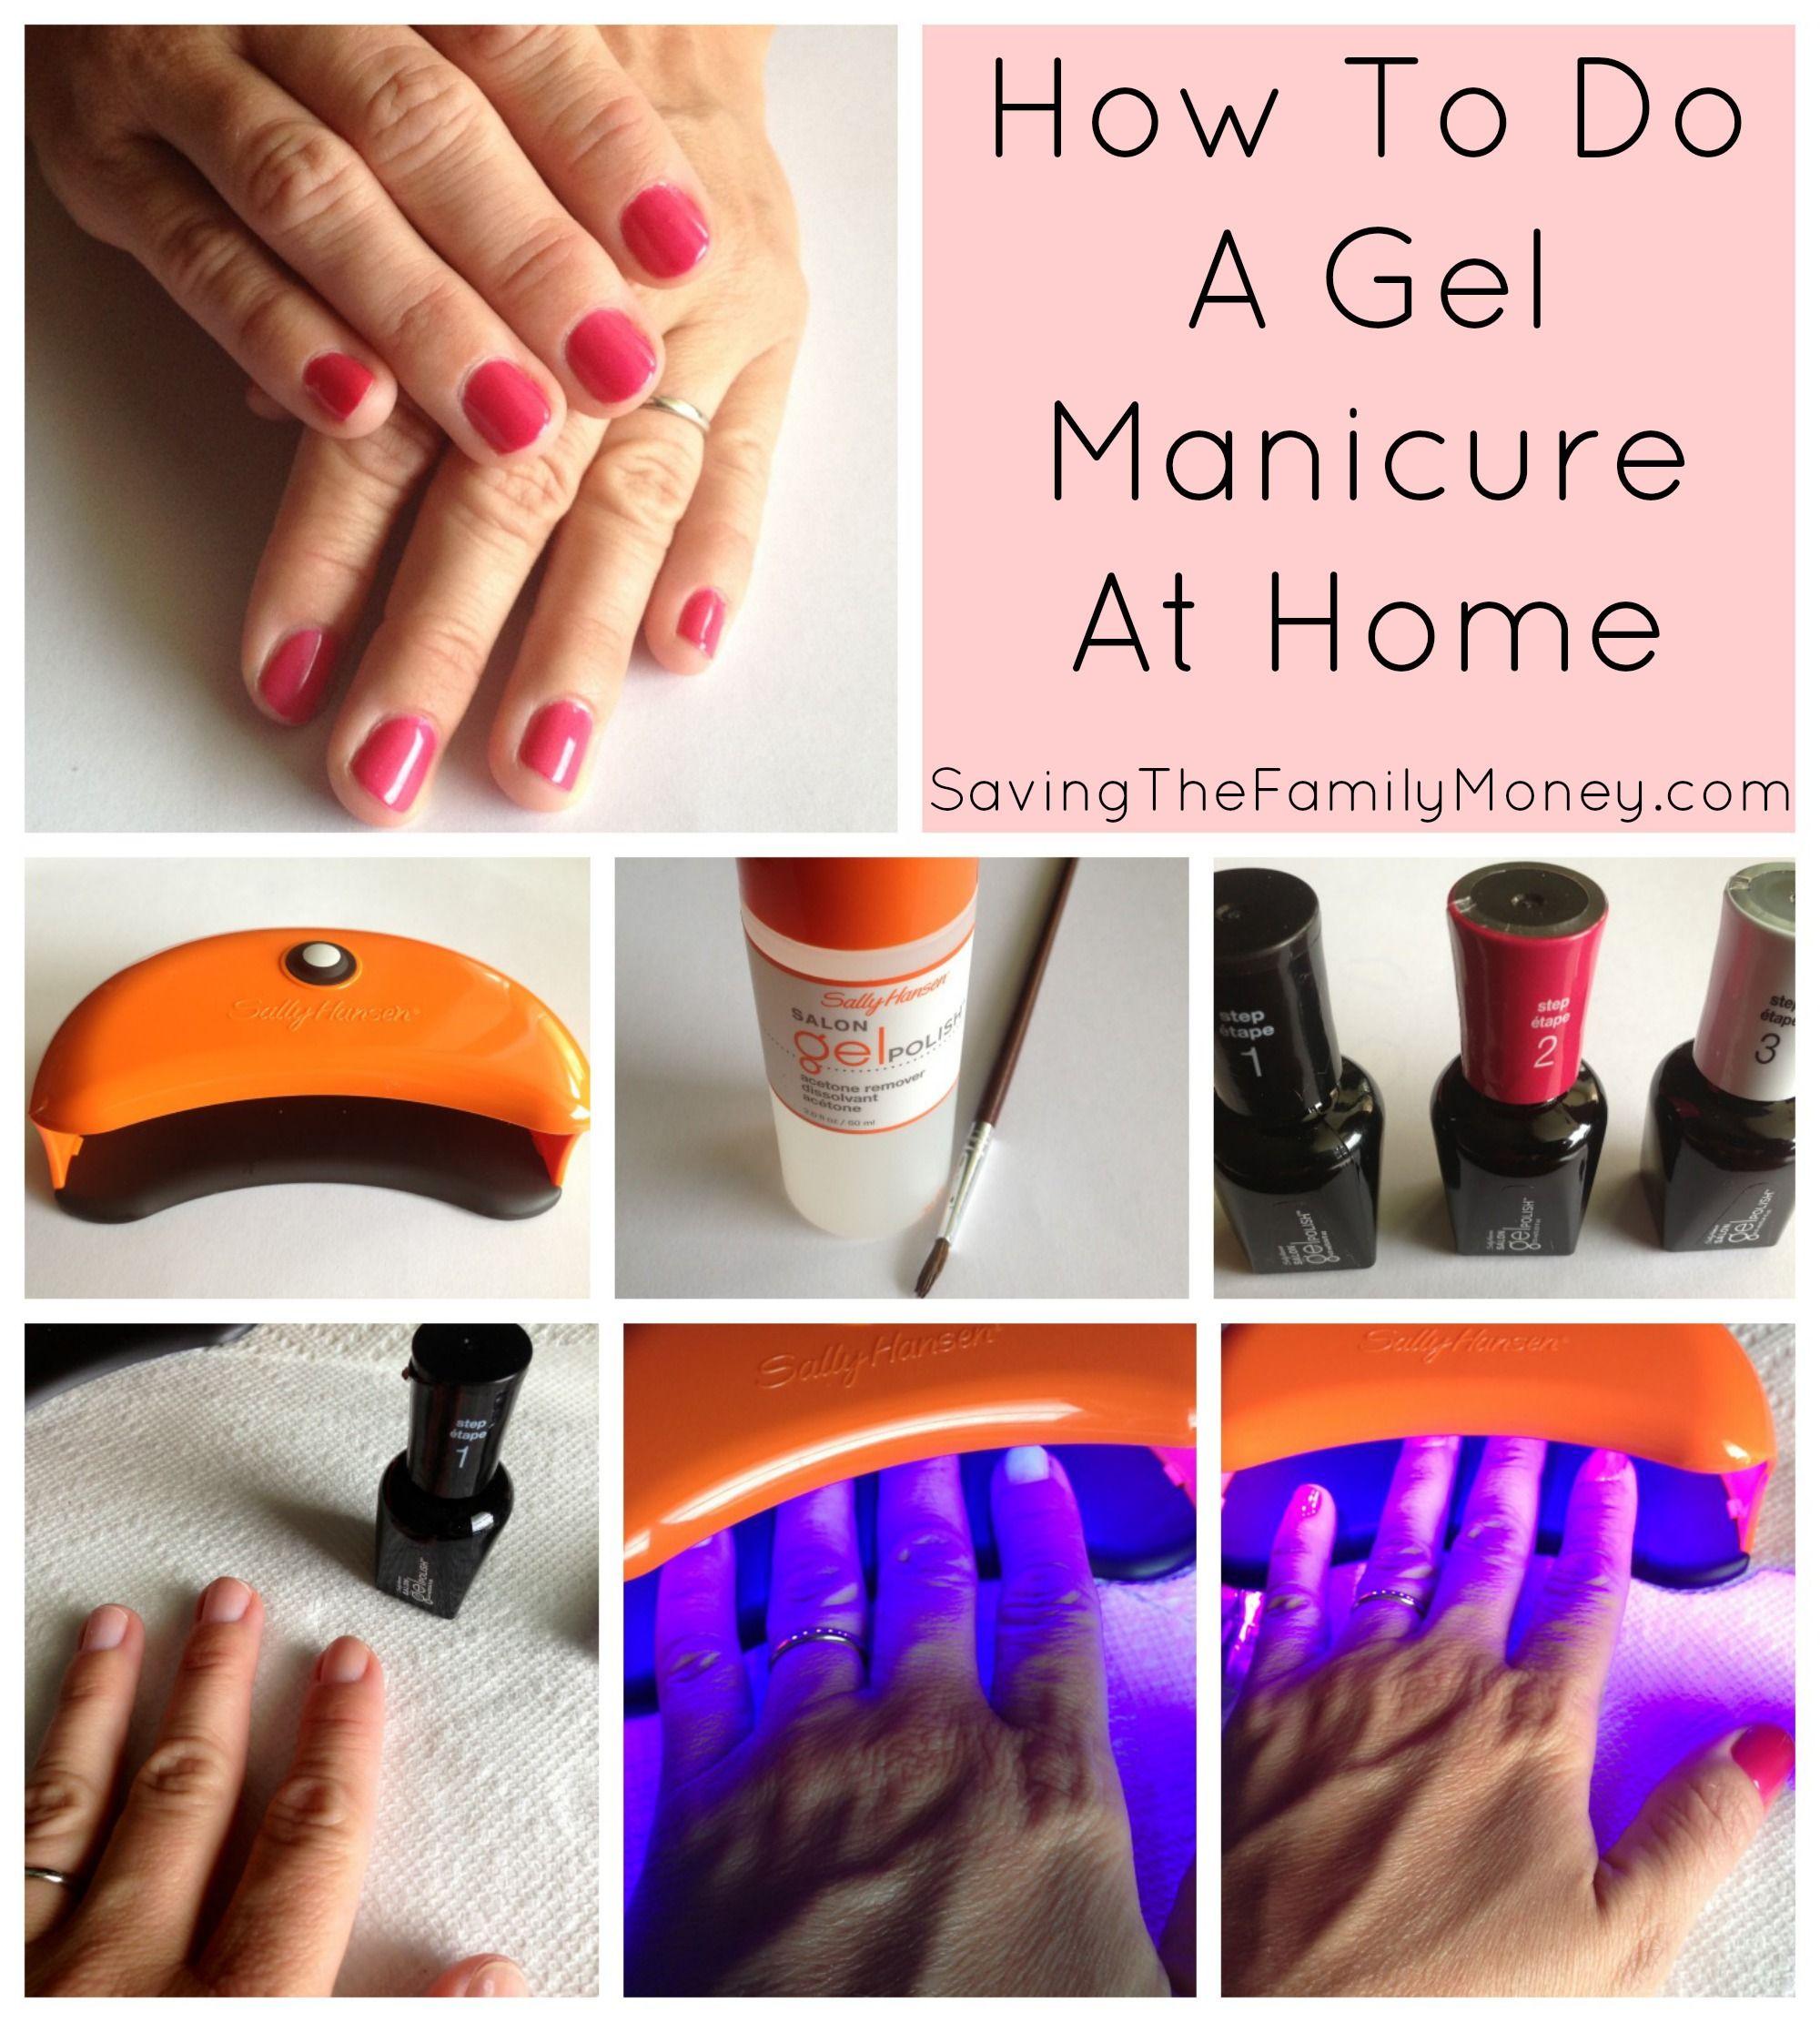 How To Do A Gel Manicure At Home Via SavingTheFamilyMoney